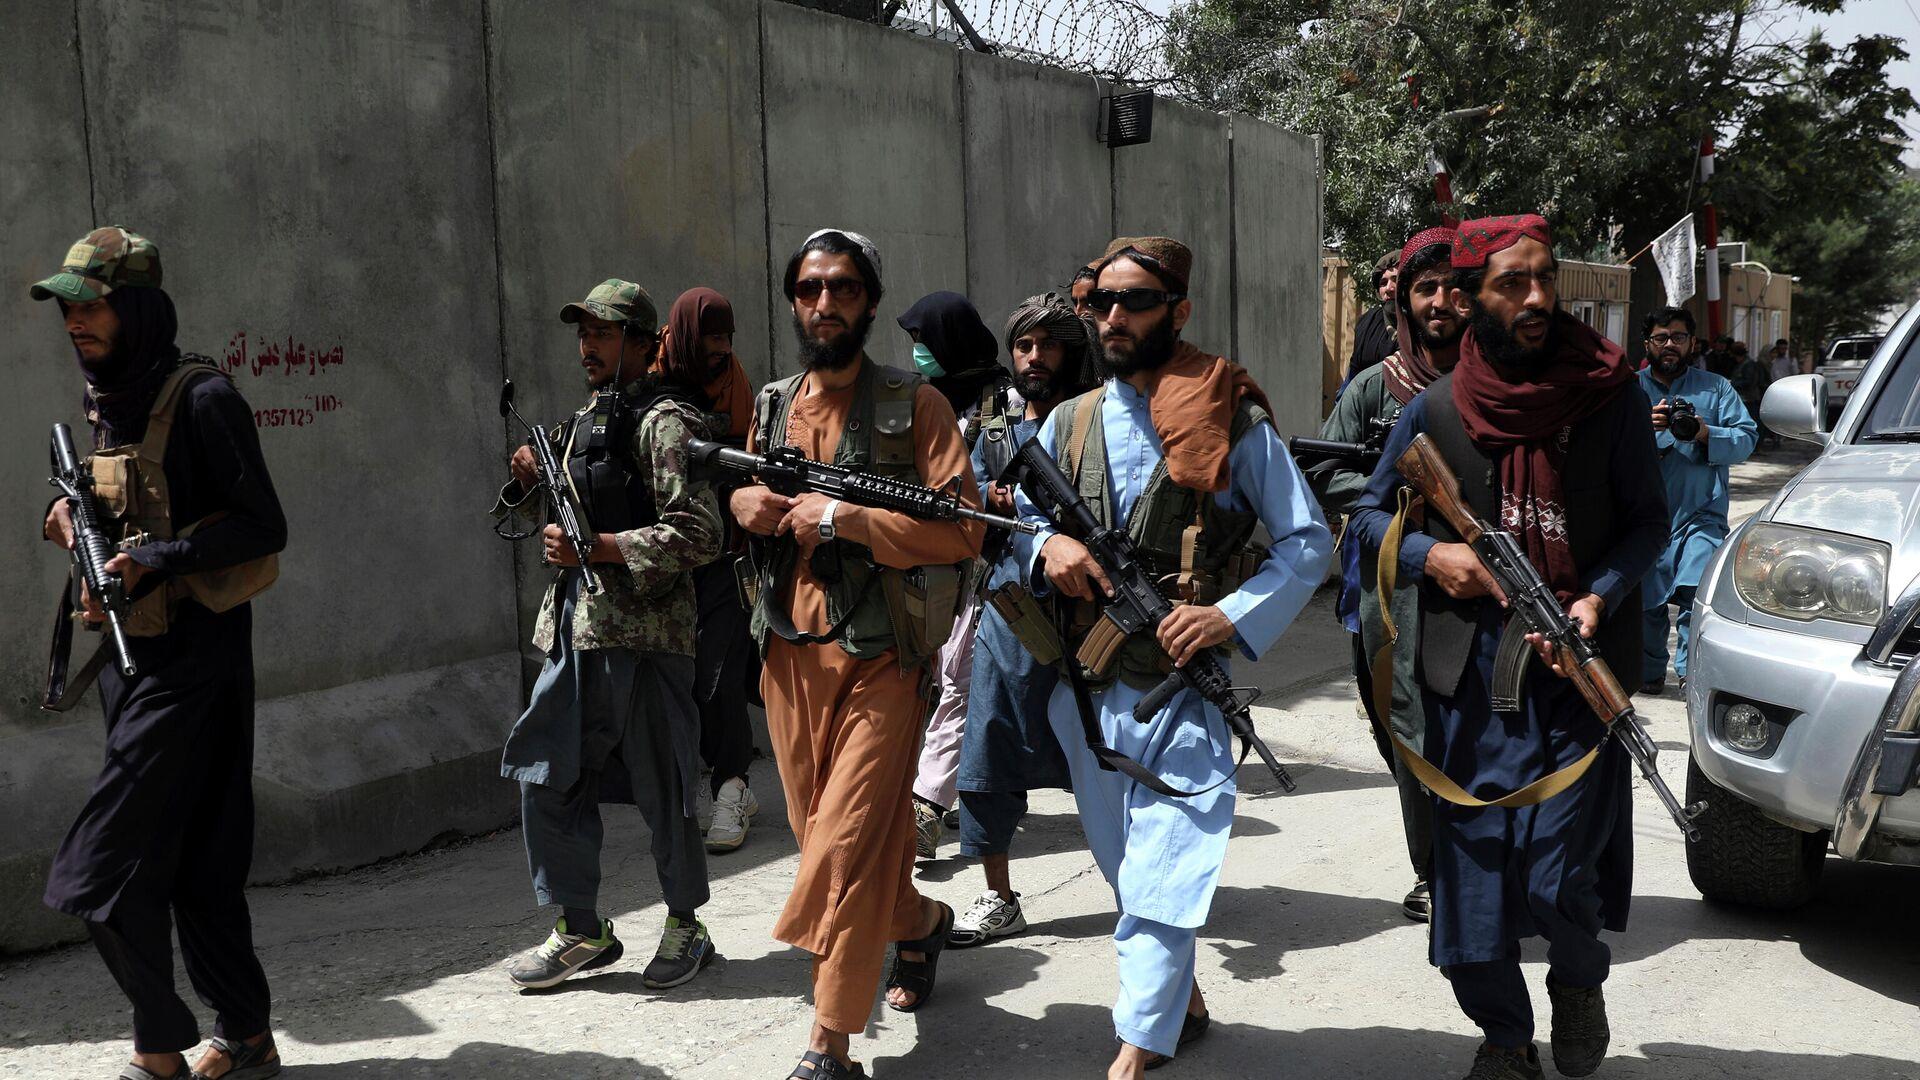 Боевики Талибана патрулируют район Вазир Акбар Хан в городе Кабул, Афганистан - Sputnik Таджикистан, 1920, 01.09.2021